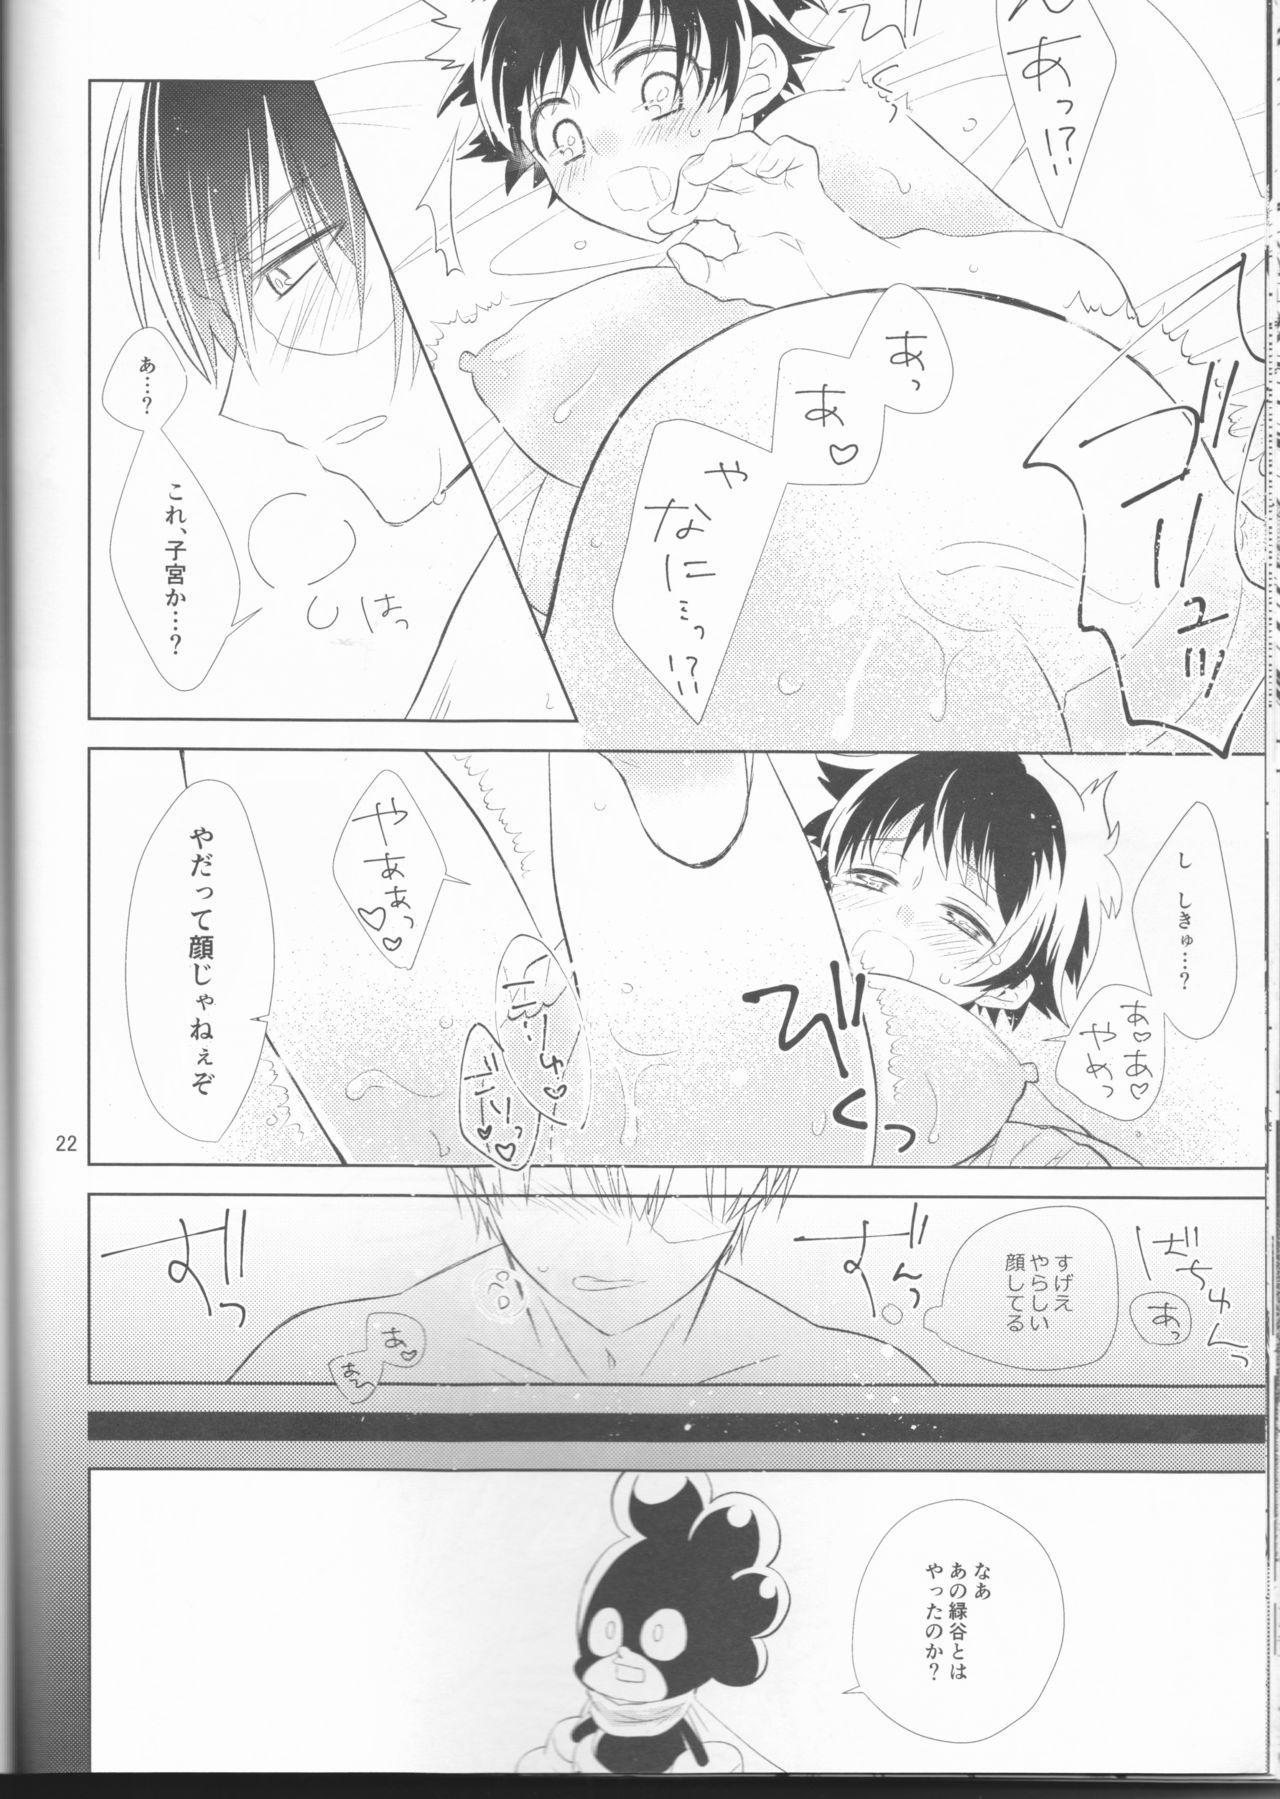 Sangatsu Usagi no Himegoto 22